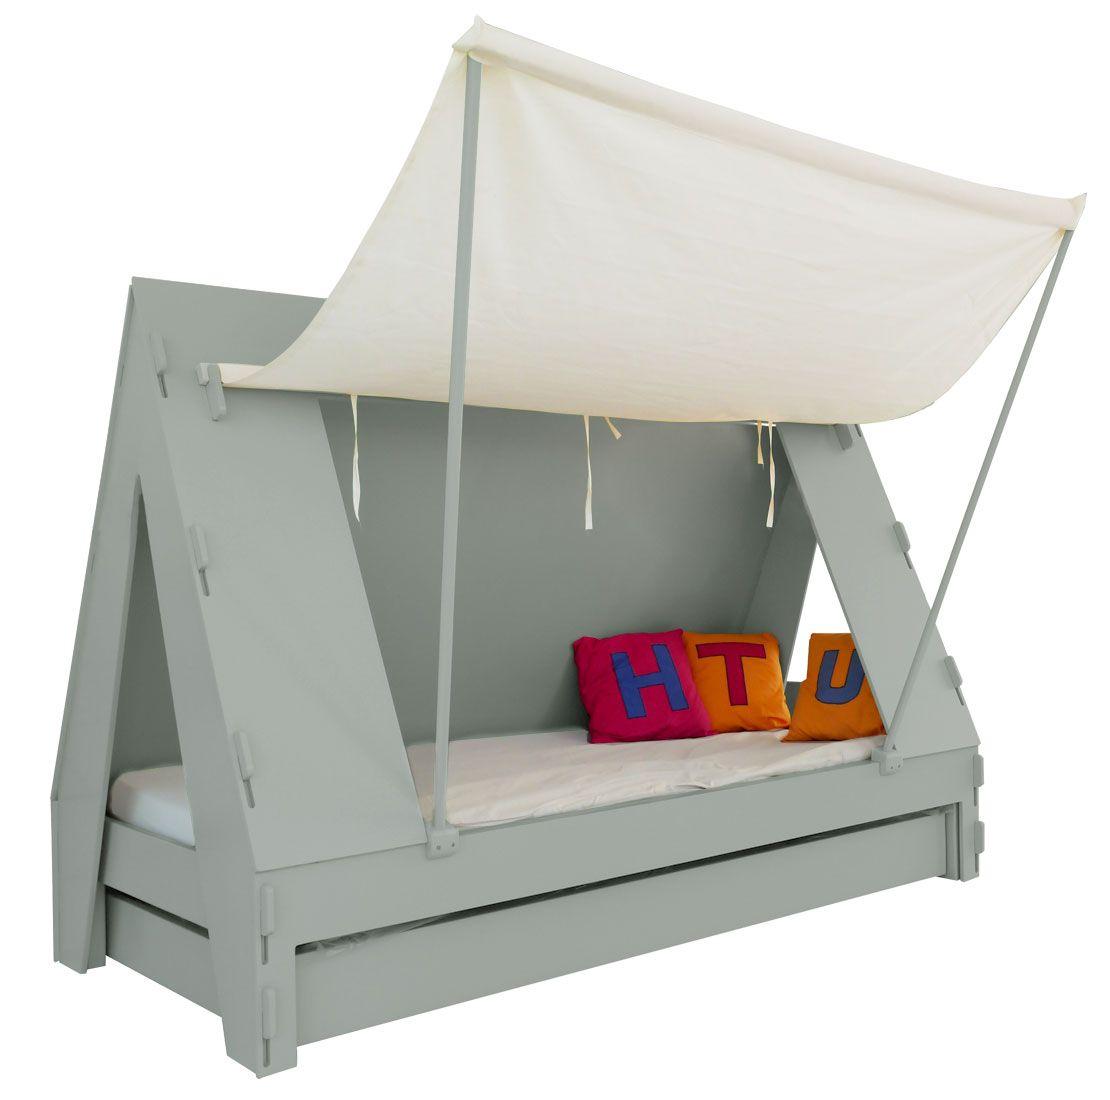 lit enfant tente tiroir lit brico d co diy tente de. Black Bedroom Furniture Sets. Home Design Ideas